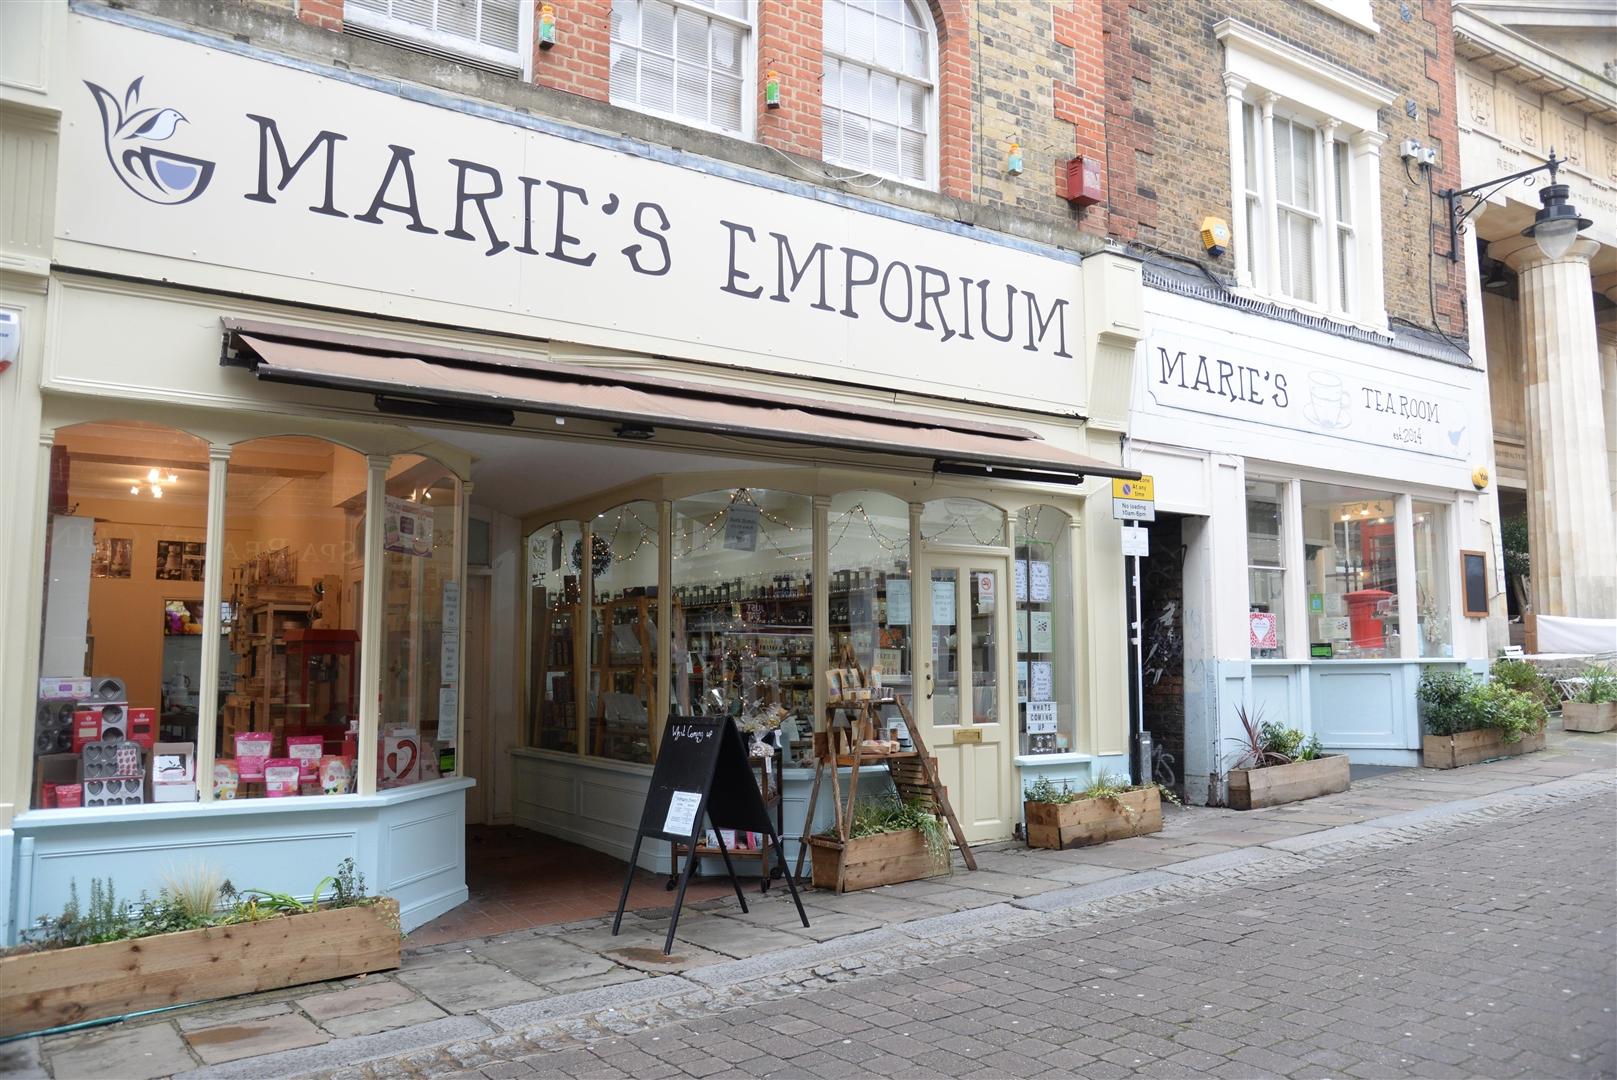 Marie's Emporium